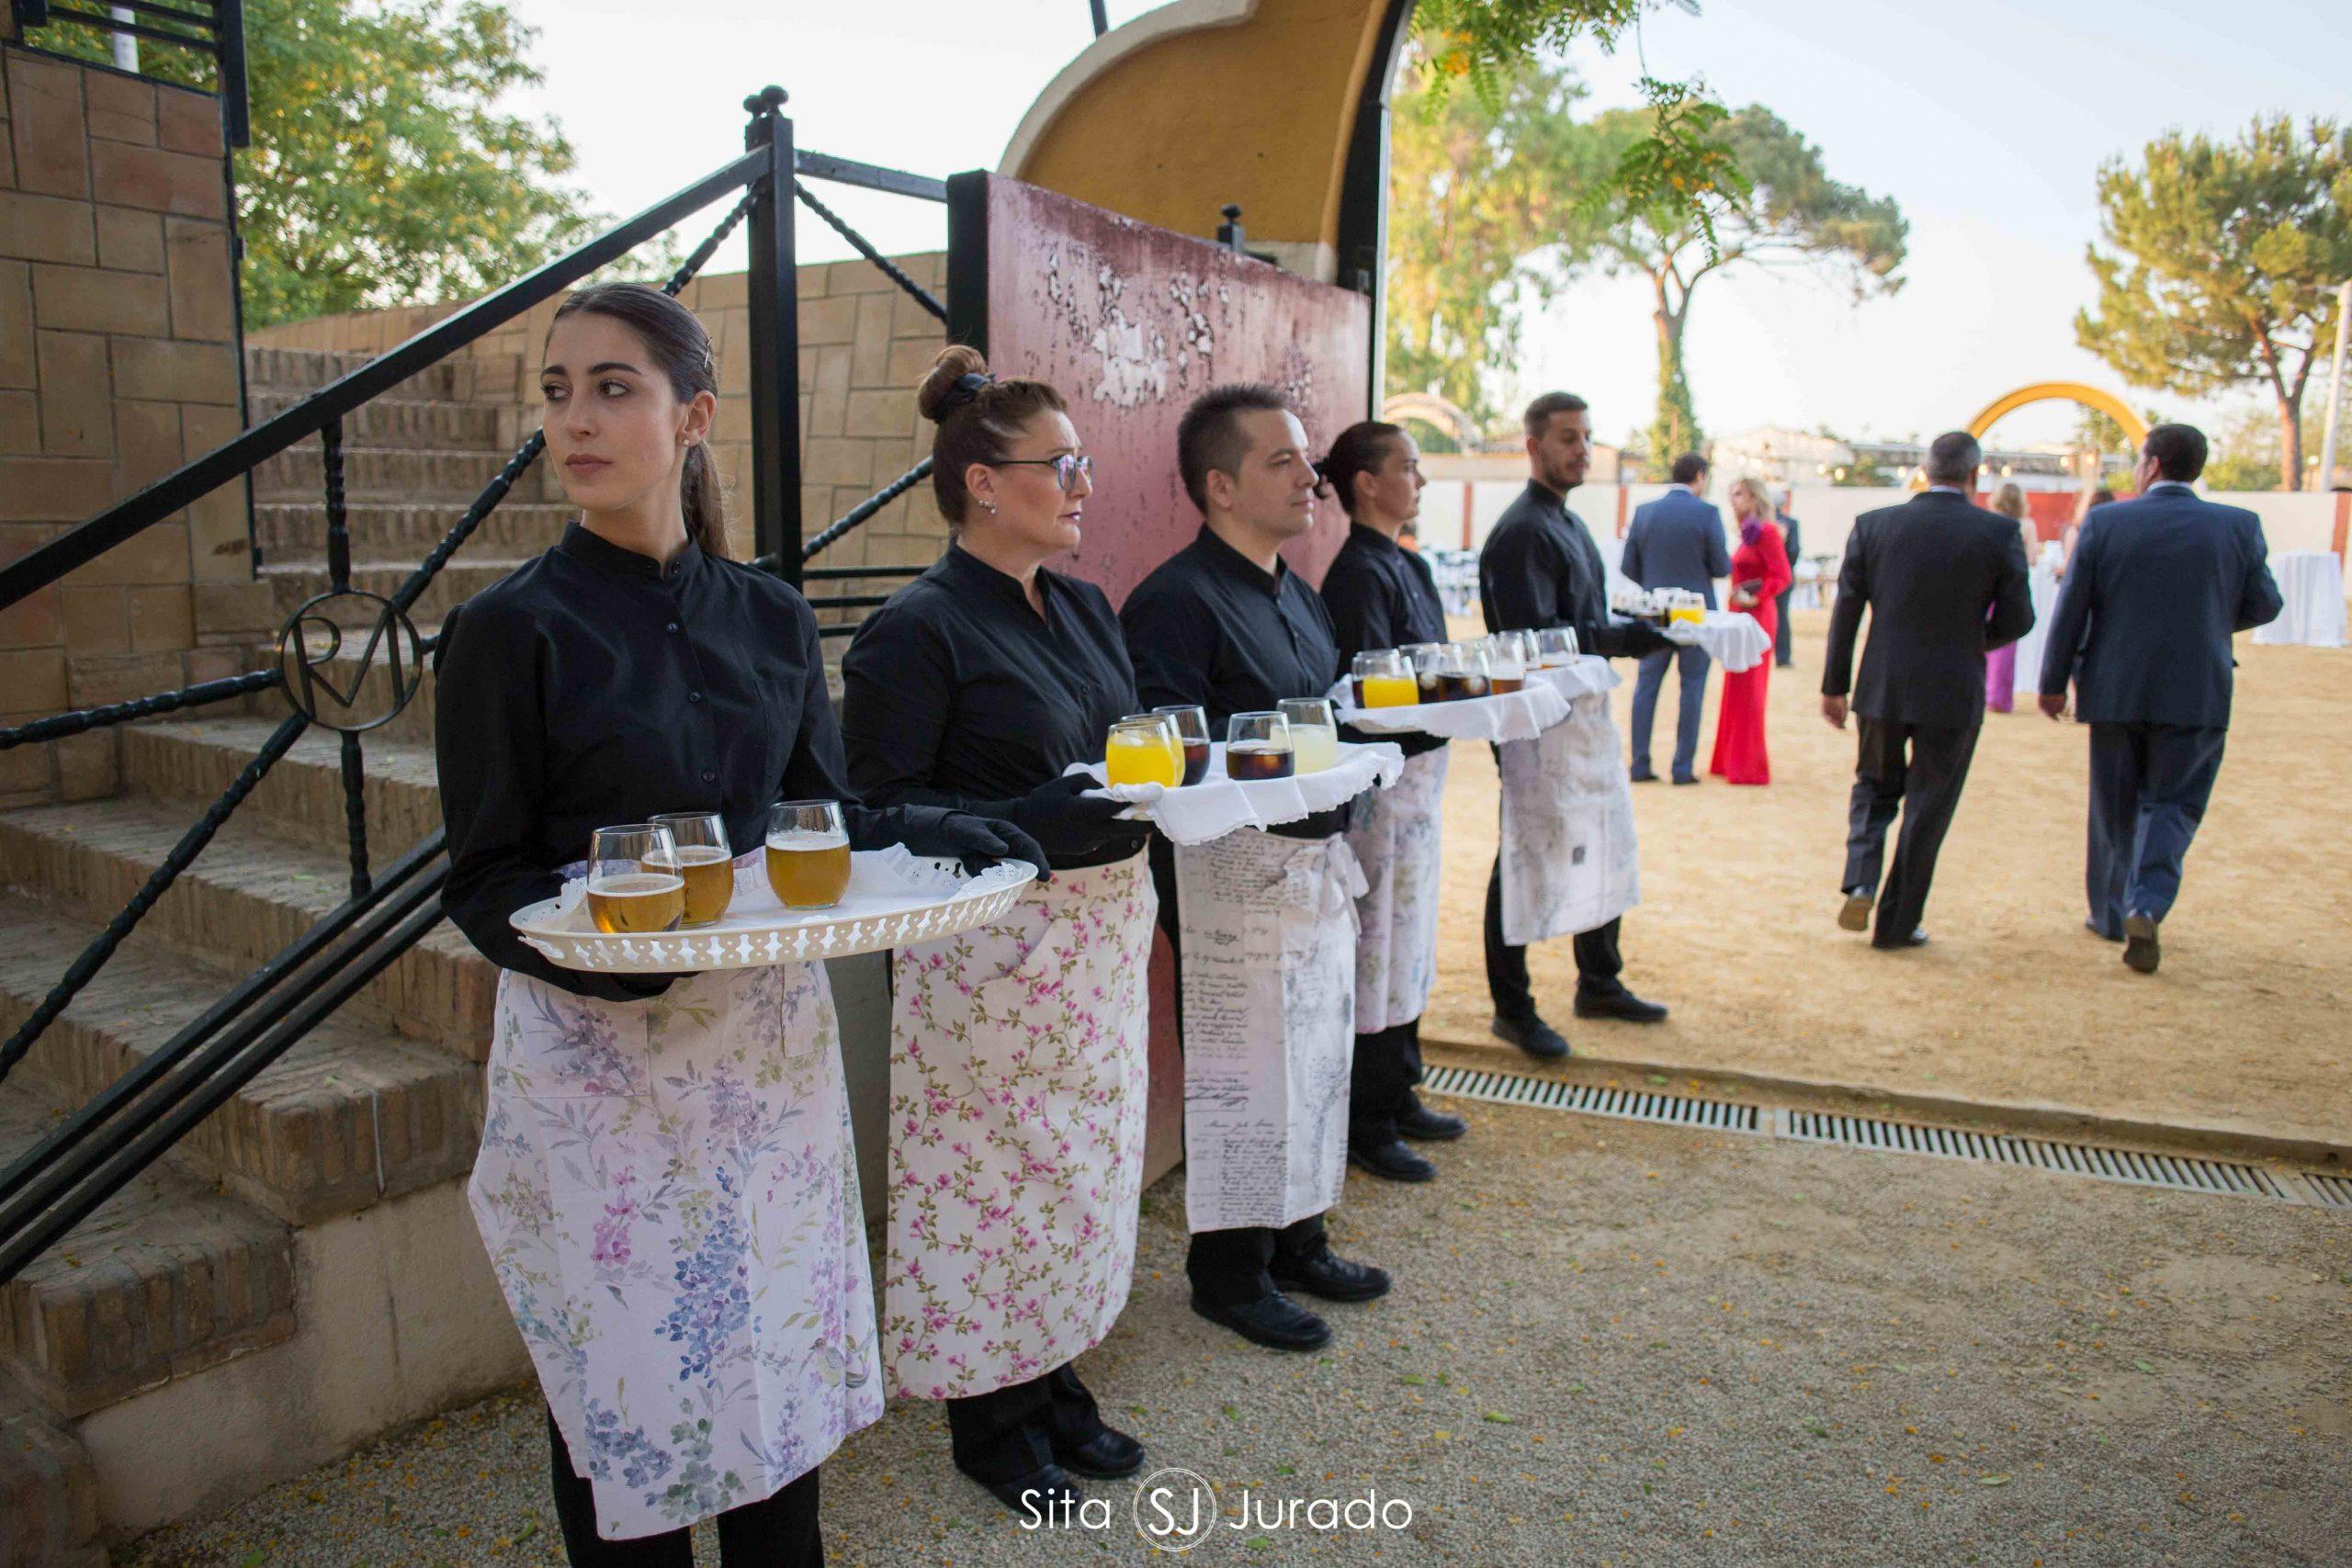 Plaza de Toros para celebraciones